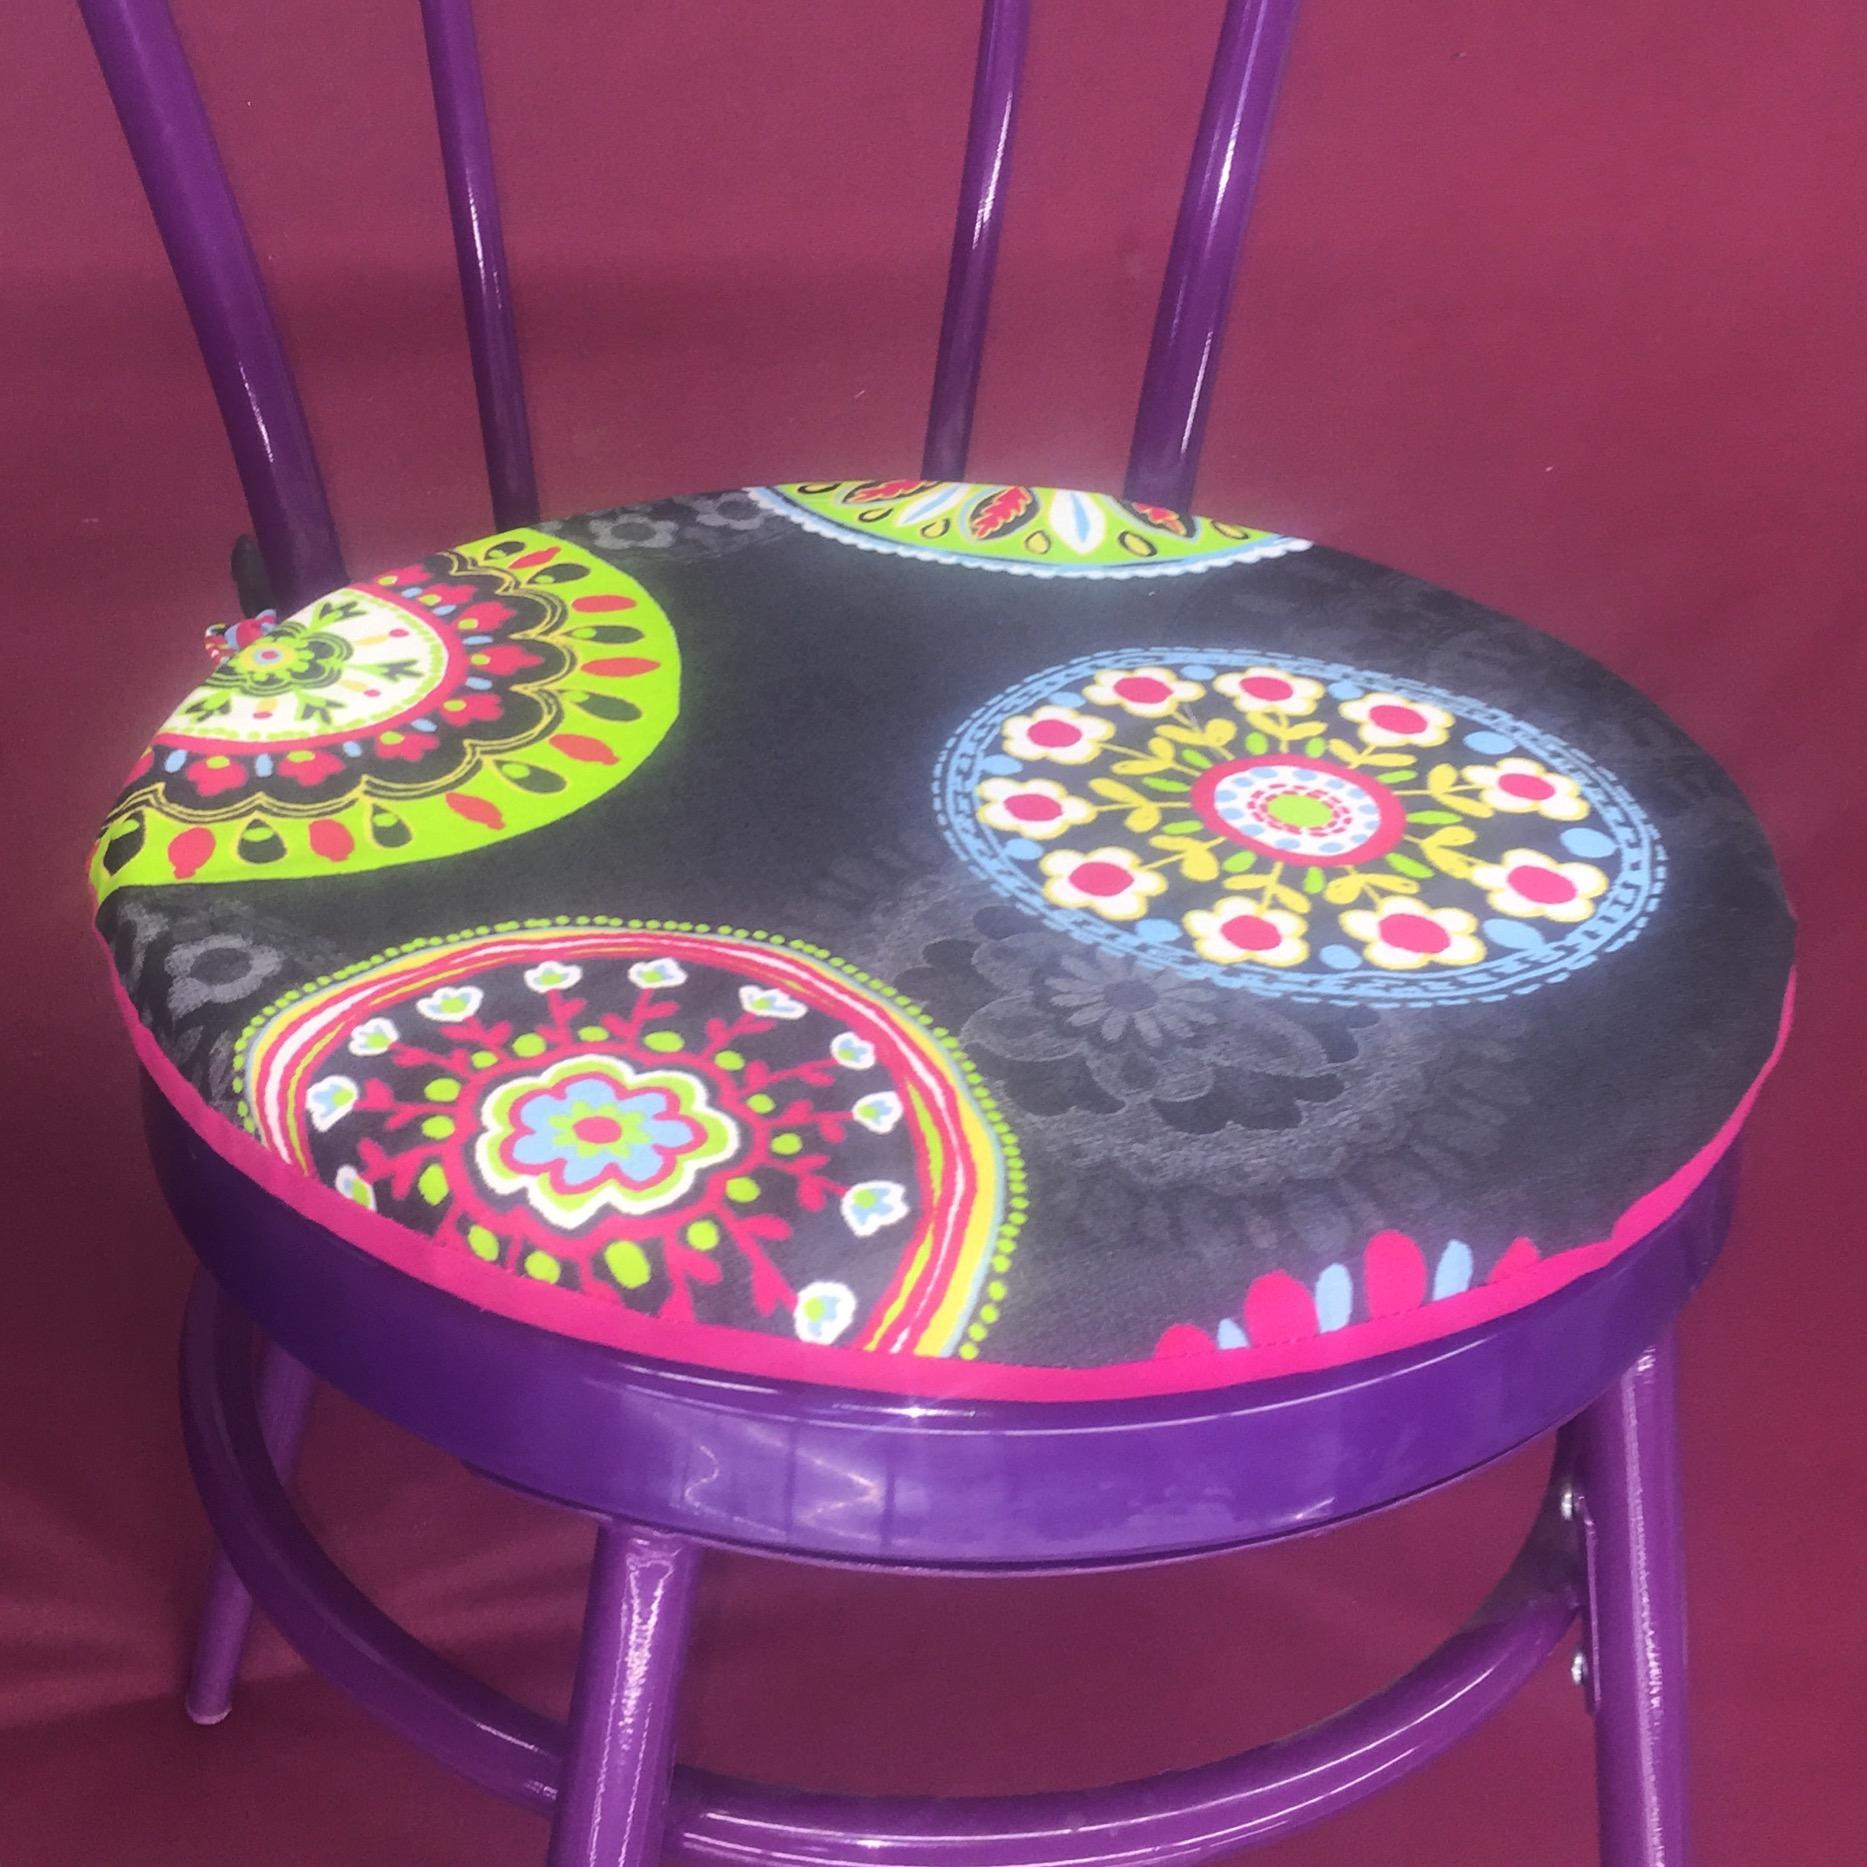 Galettes de chaises rondes pop couture - Galettes de chaises rondes ...